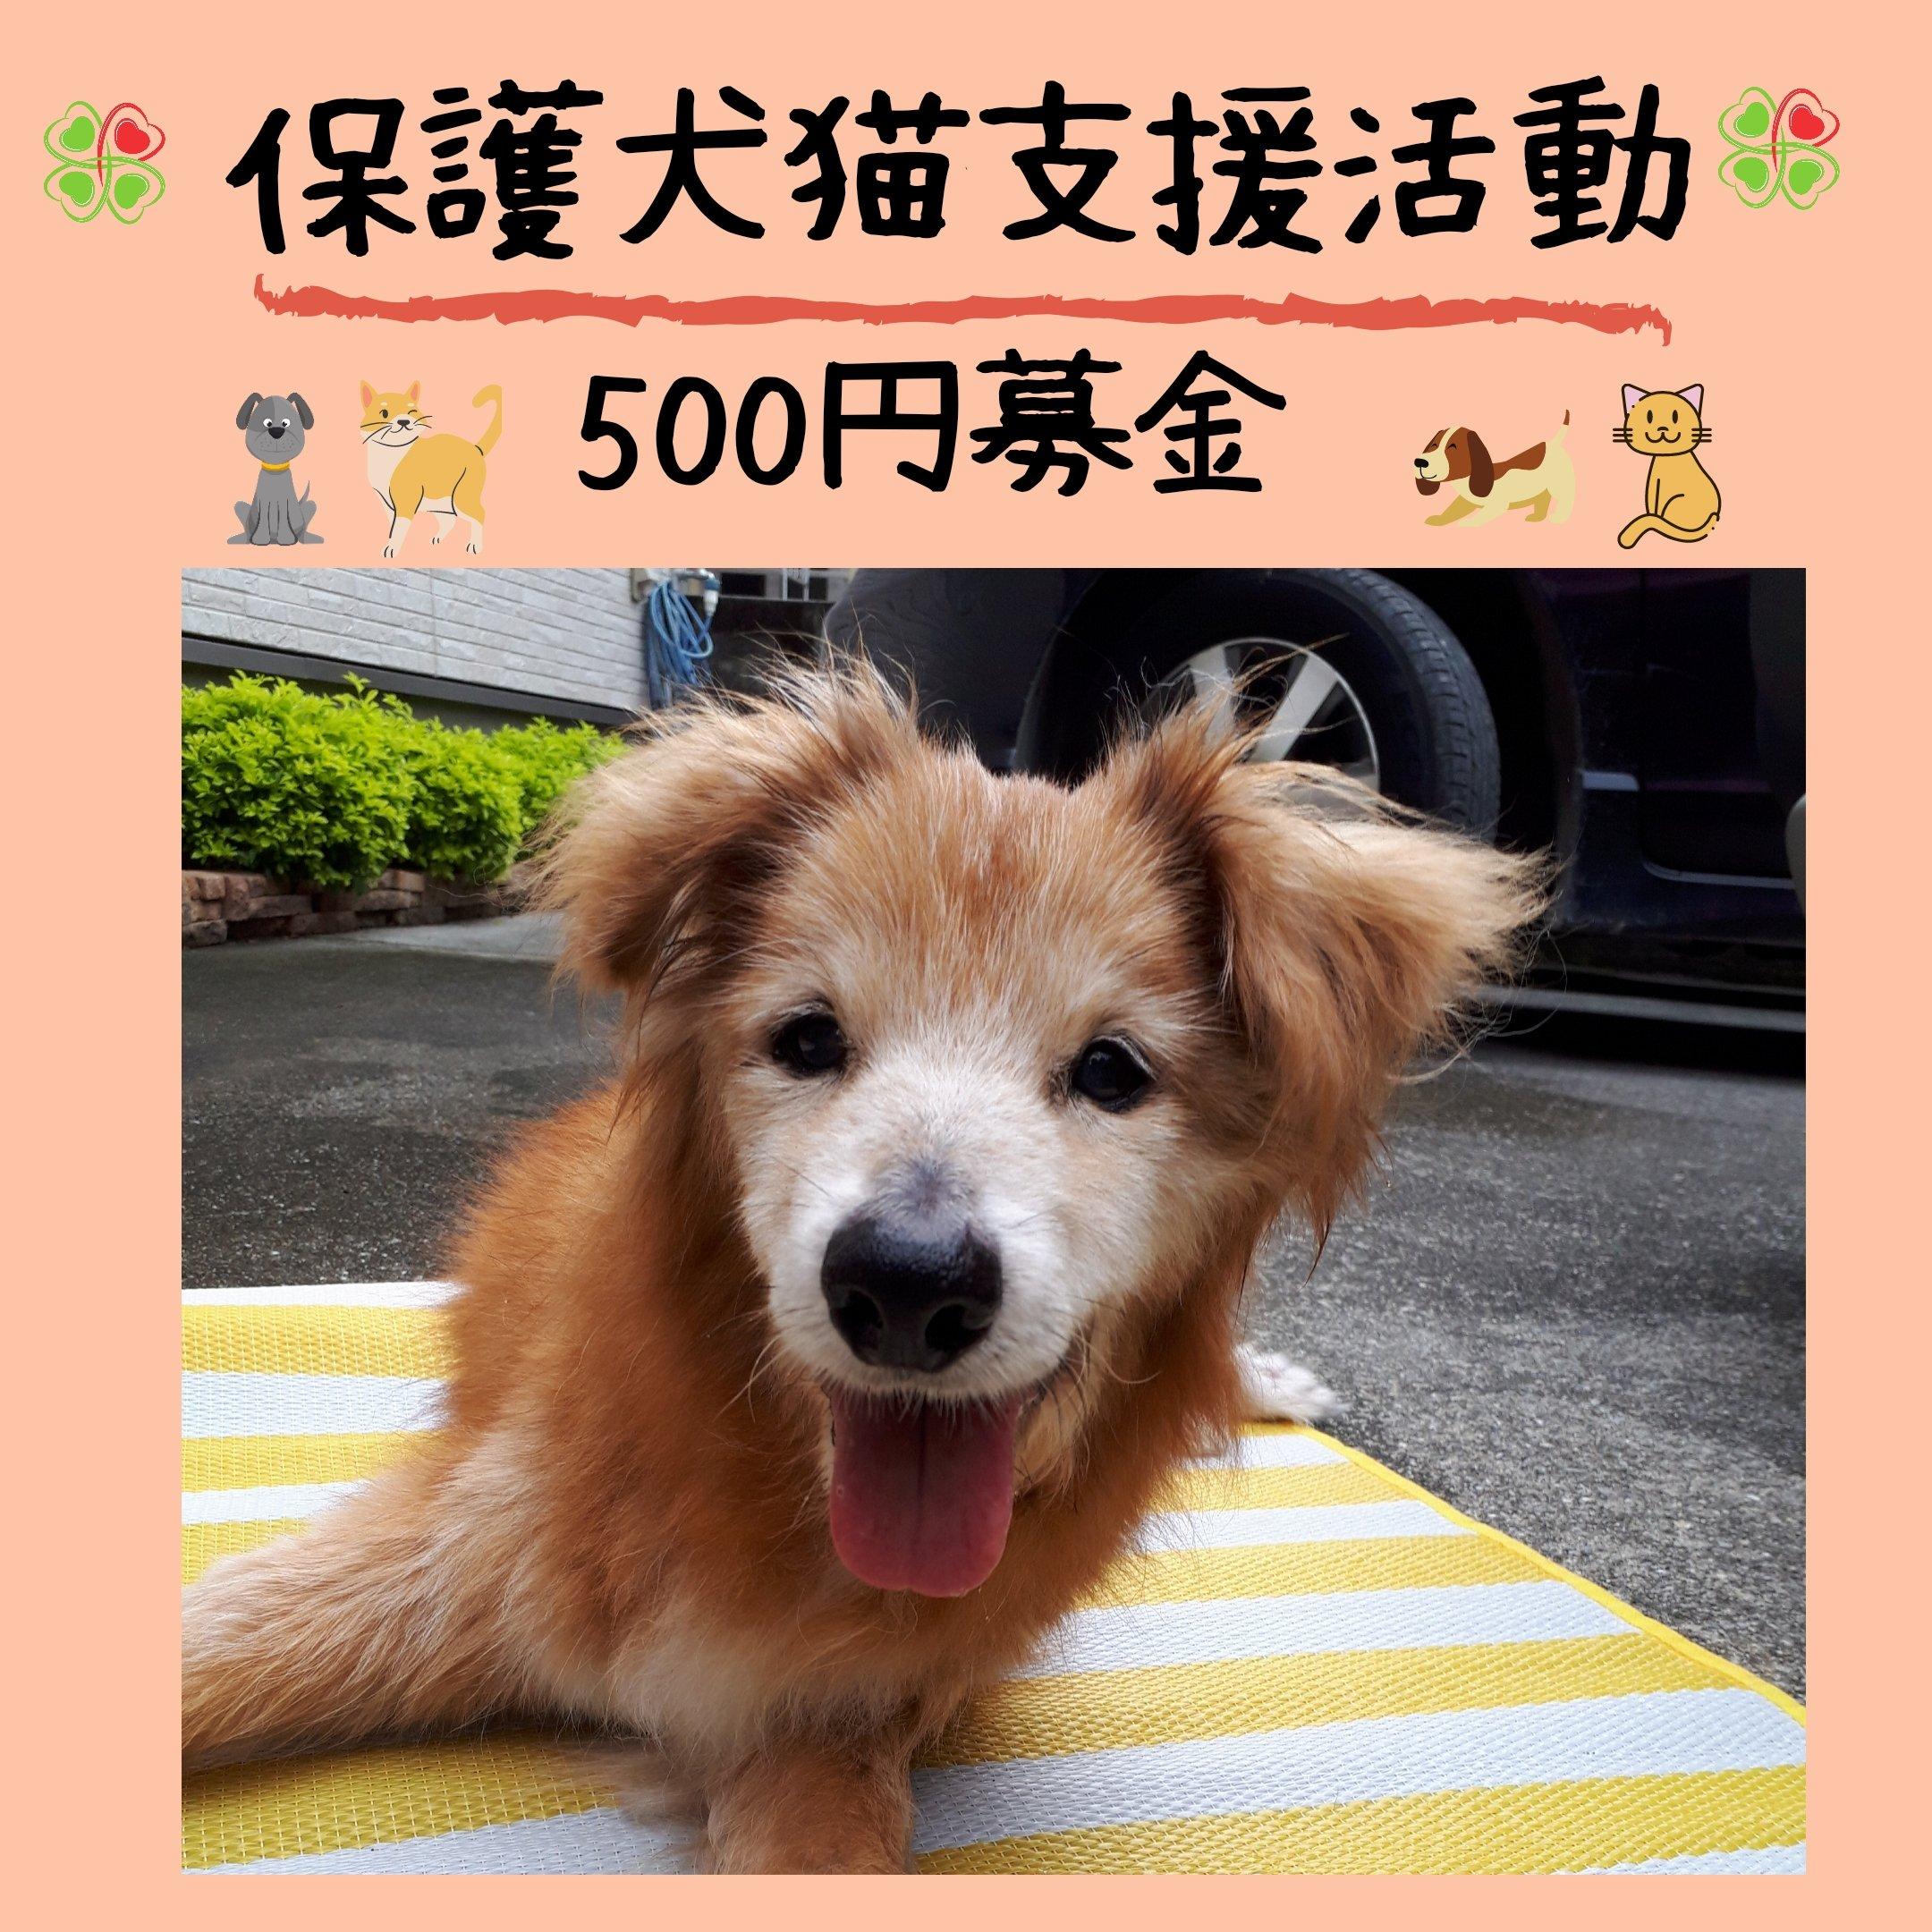 保護犬猫支援活動500円募金*沖縄(ポイントでの寄付も可能)のイメージその1